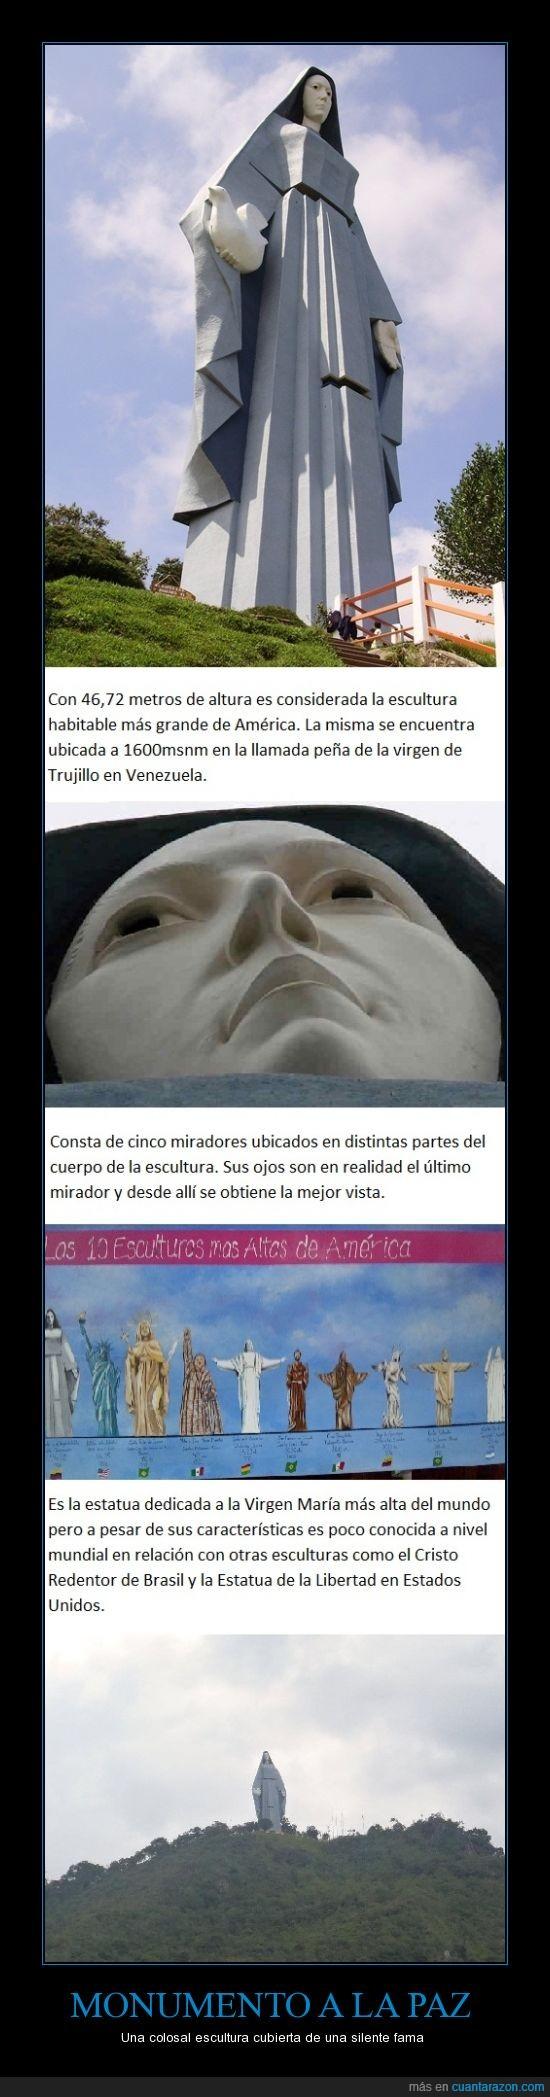 América,esculturas,Monumentos,Paz,Venezuela,Virgen